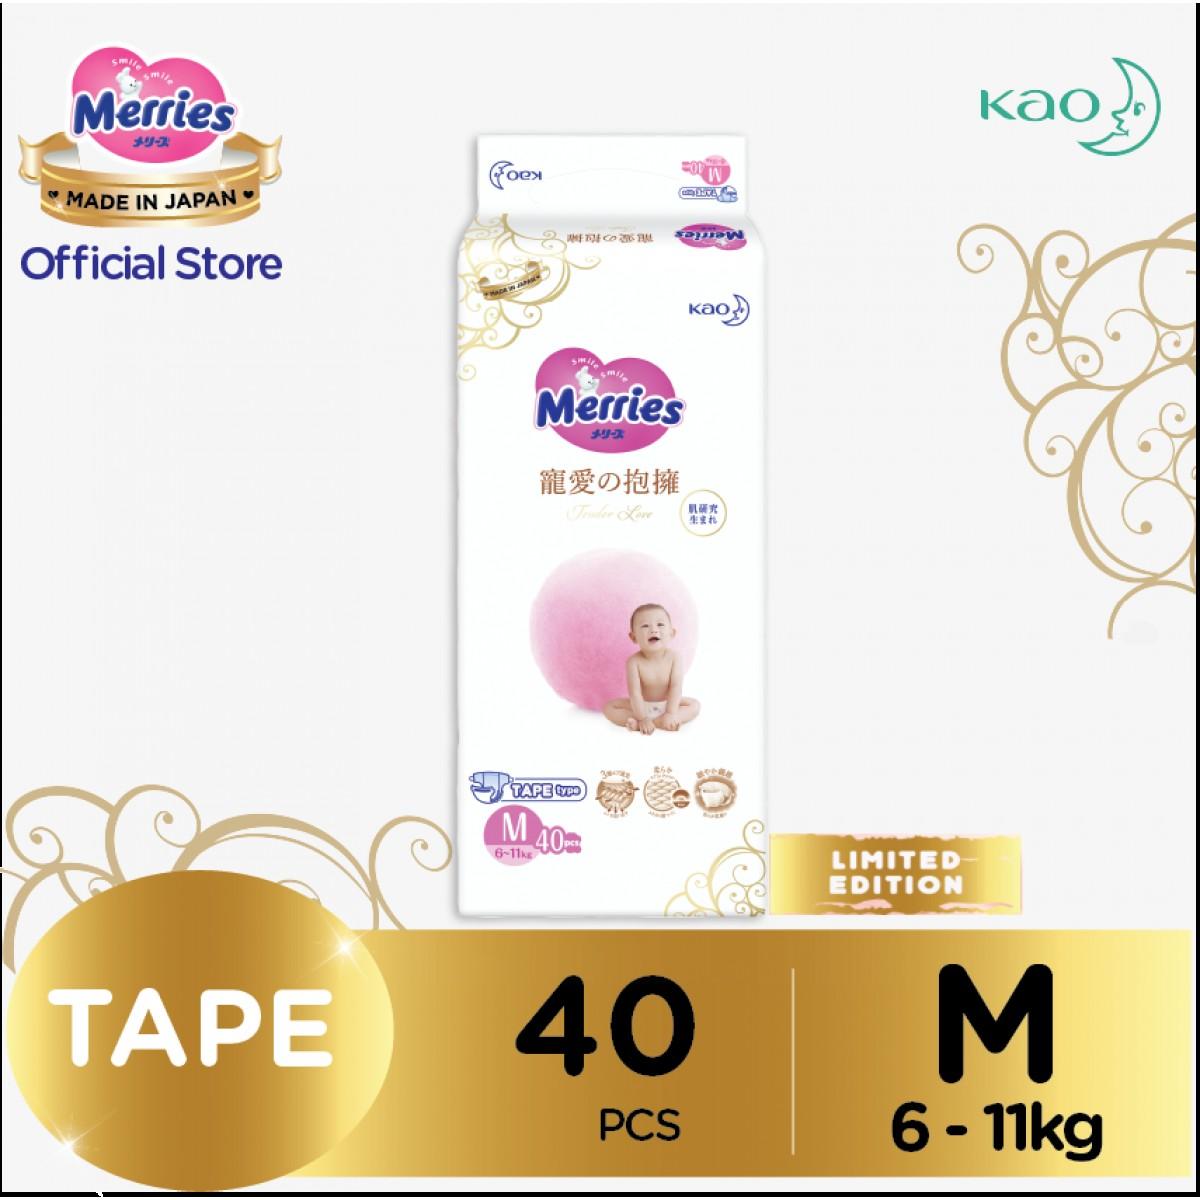 Merries Tender Love Tape Baby Diapers M 40pcs (6-11kg)